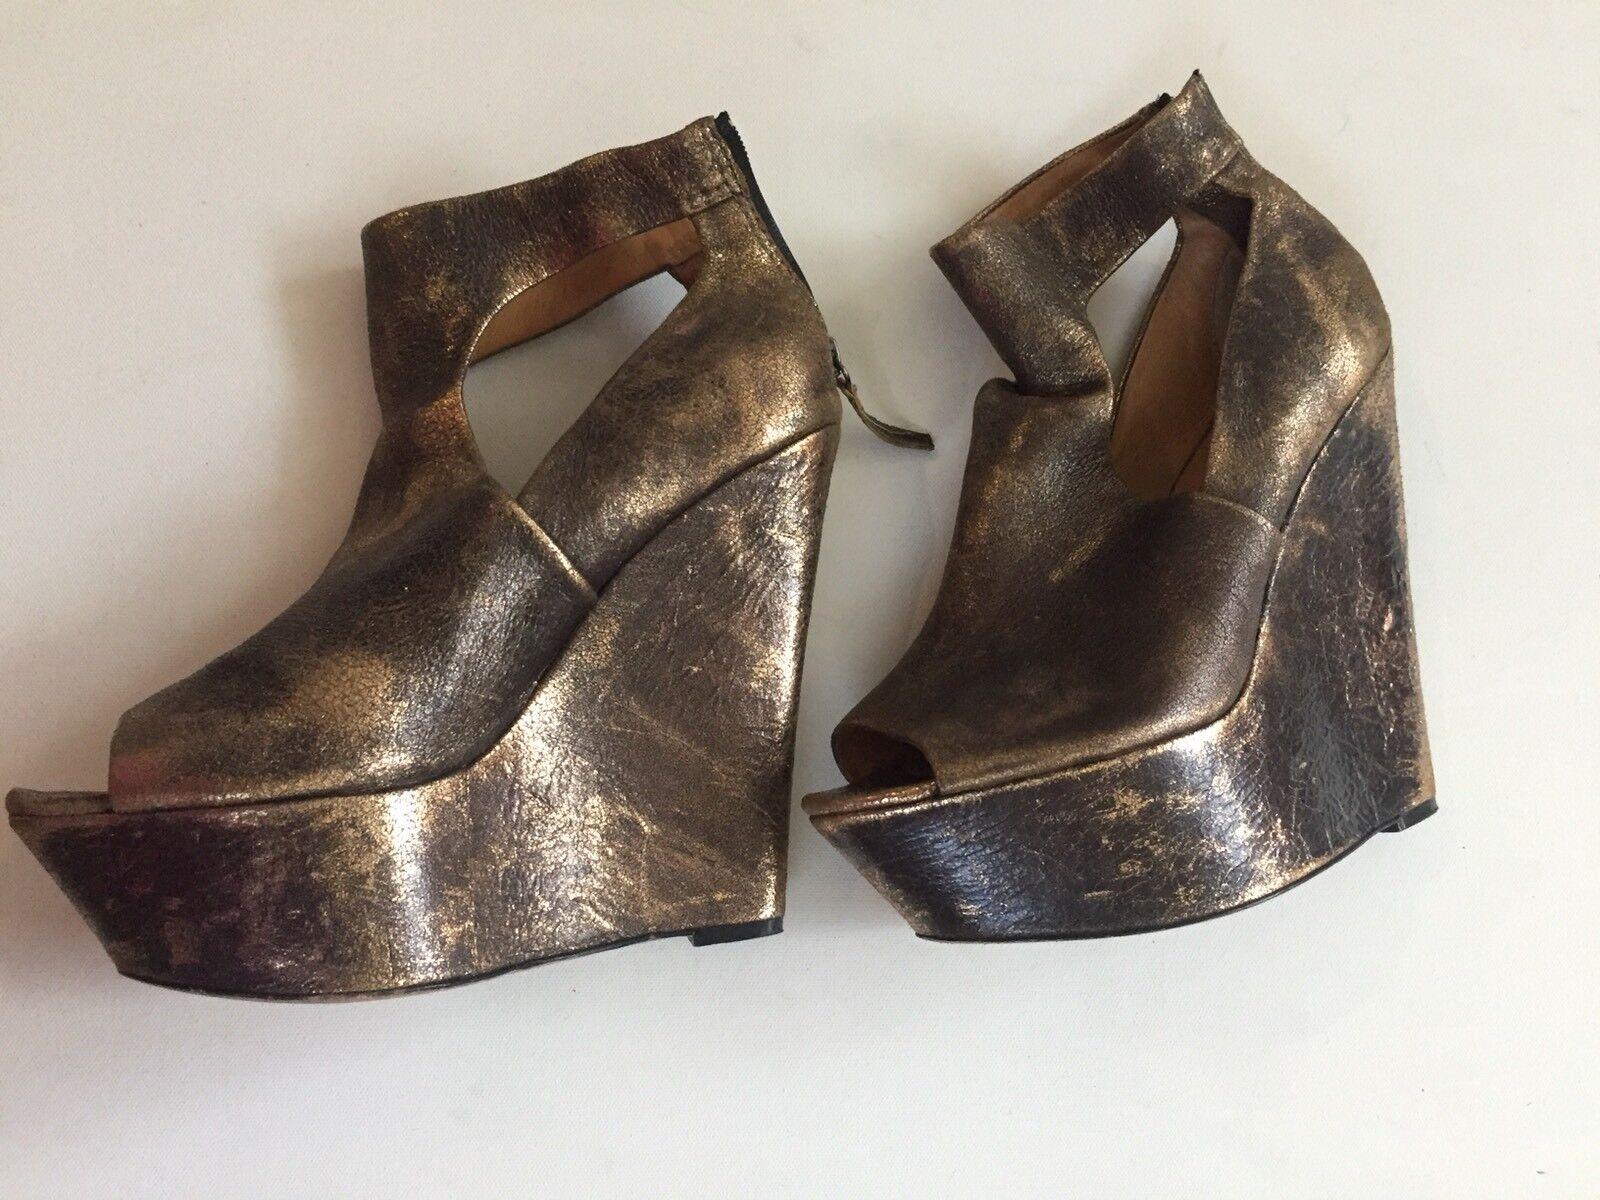 l.a.m.b. Platform wedge gold shoe Damens Größe 10 gwen stefani 6 inch heel